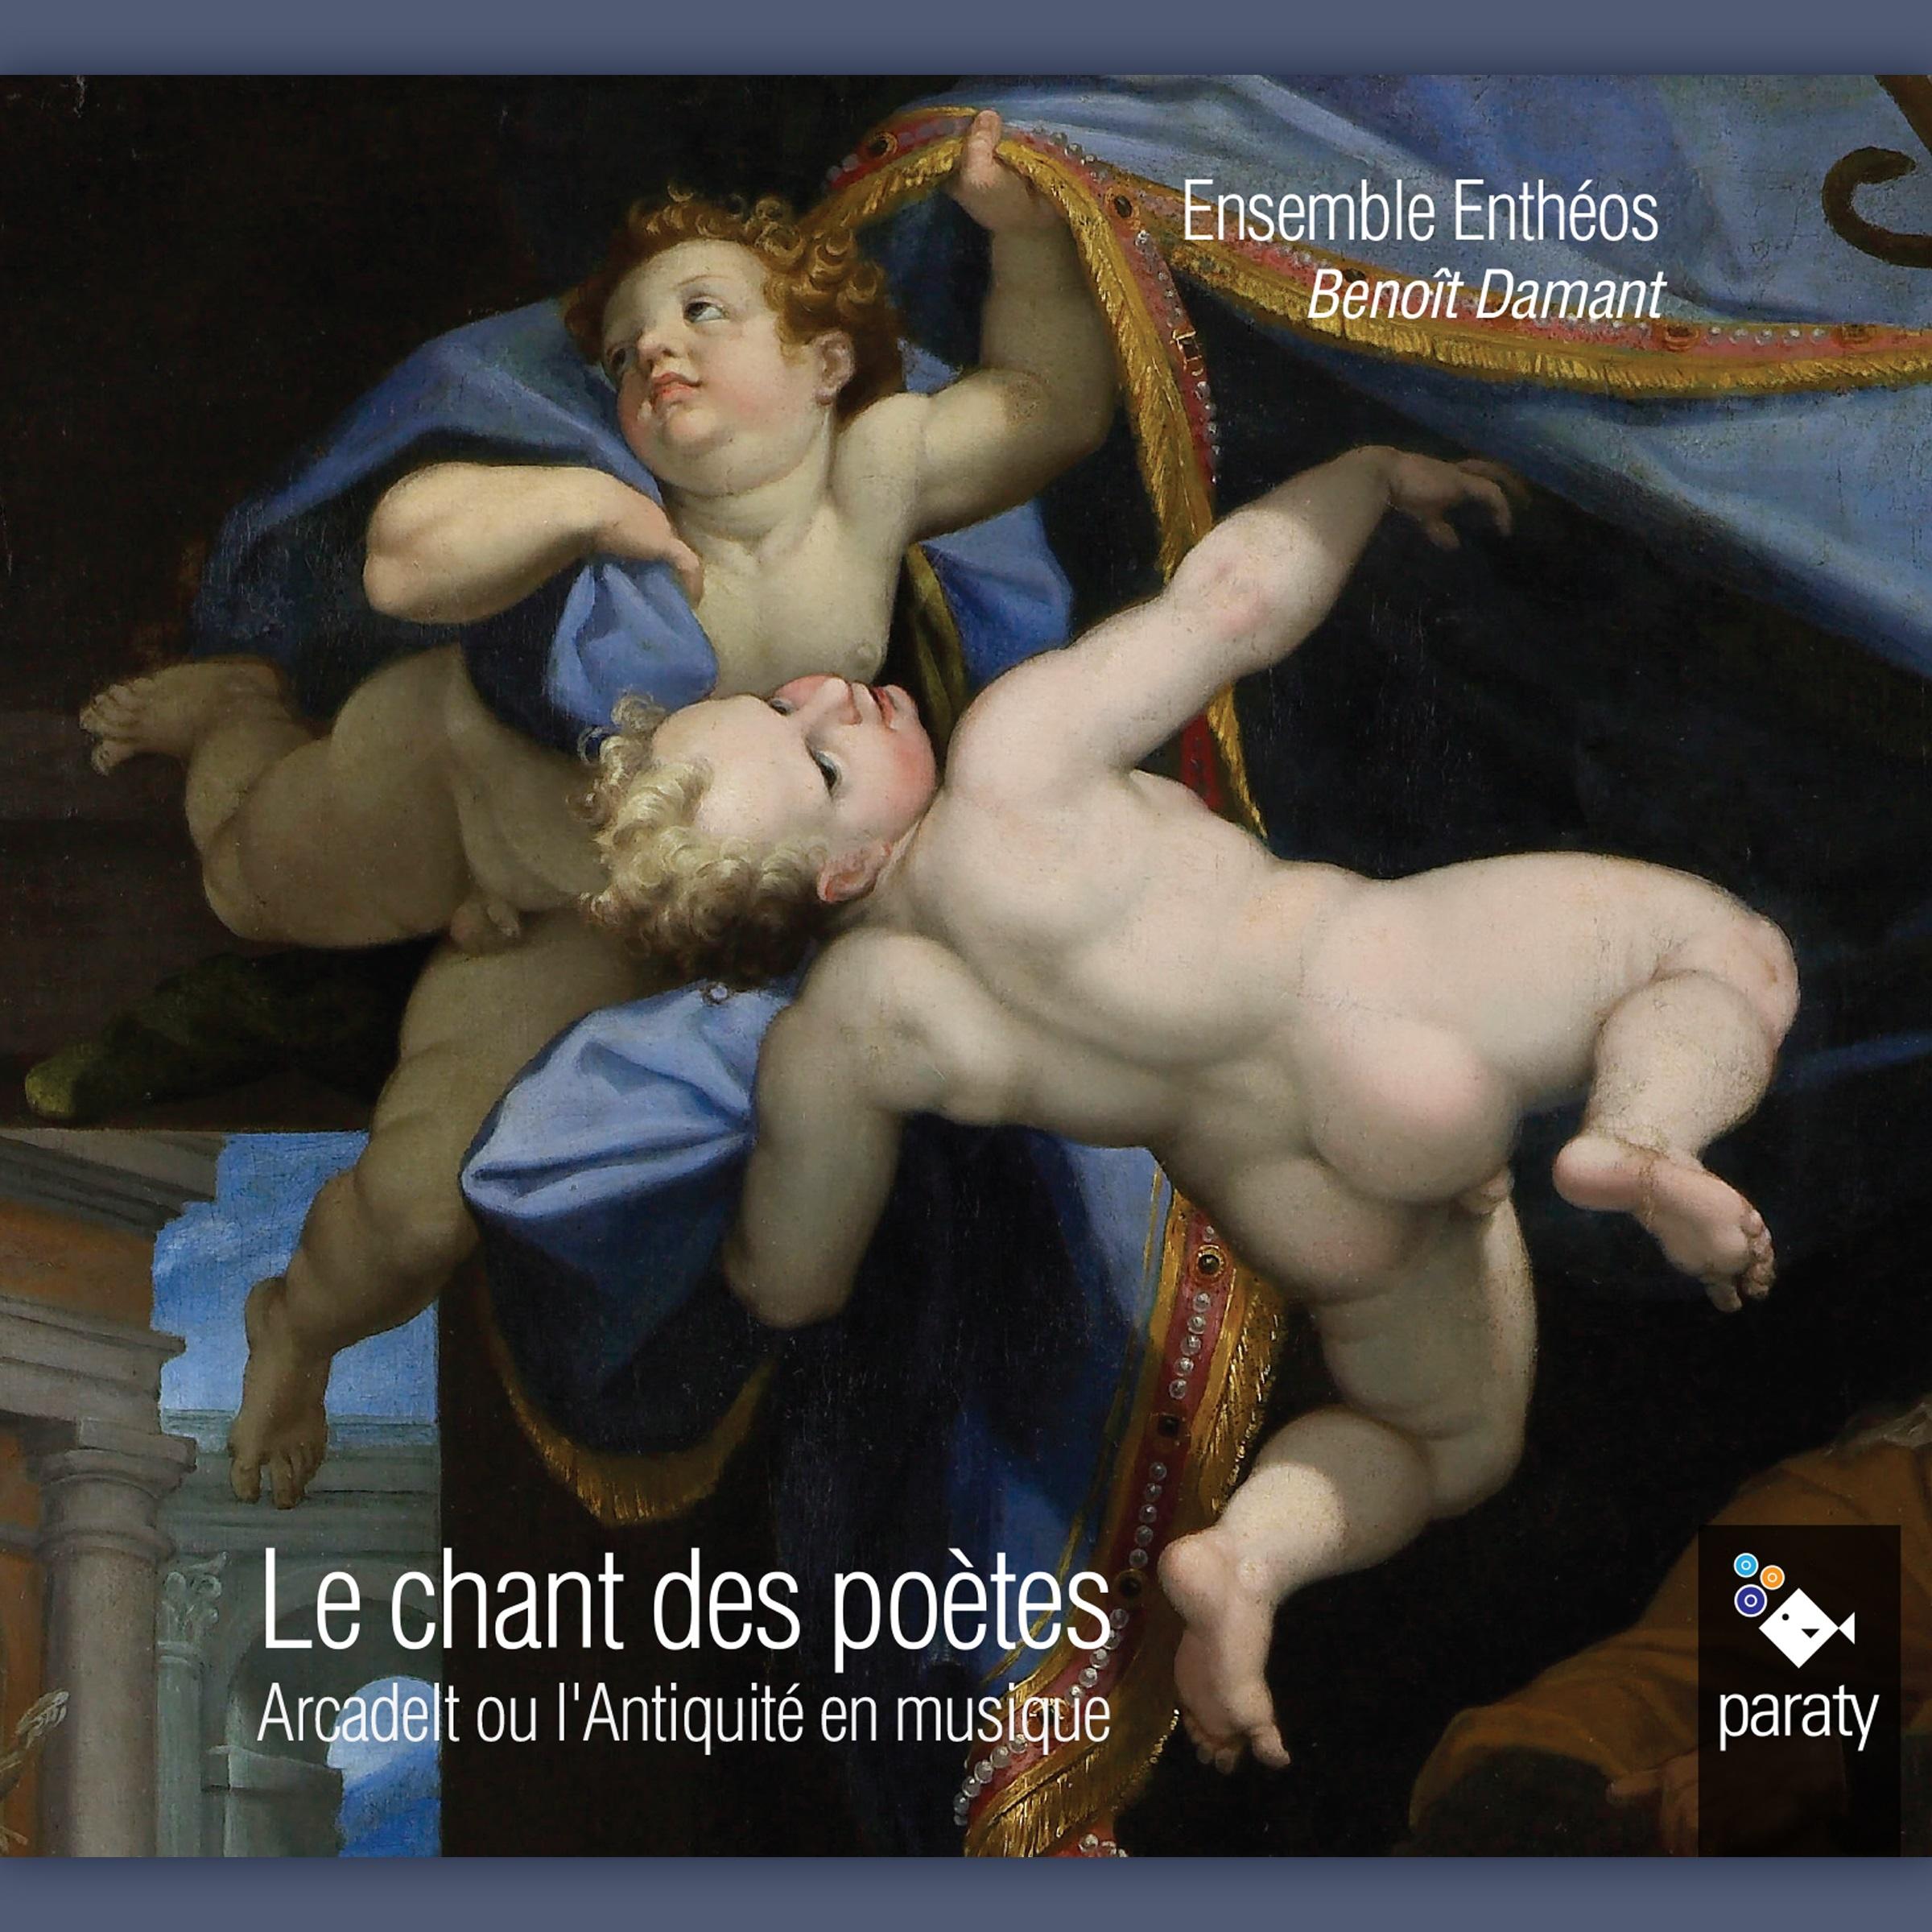 Le chant des poètes, Acardelt ou l'Antiquité en musique